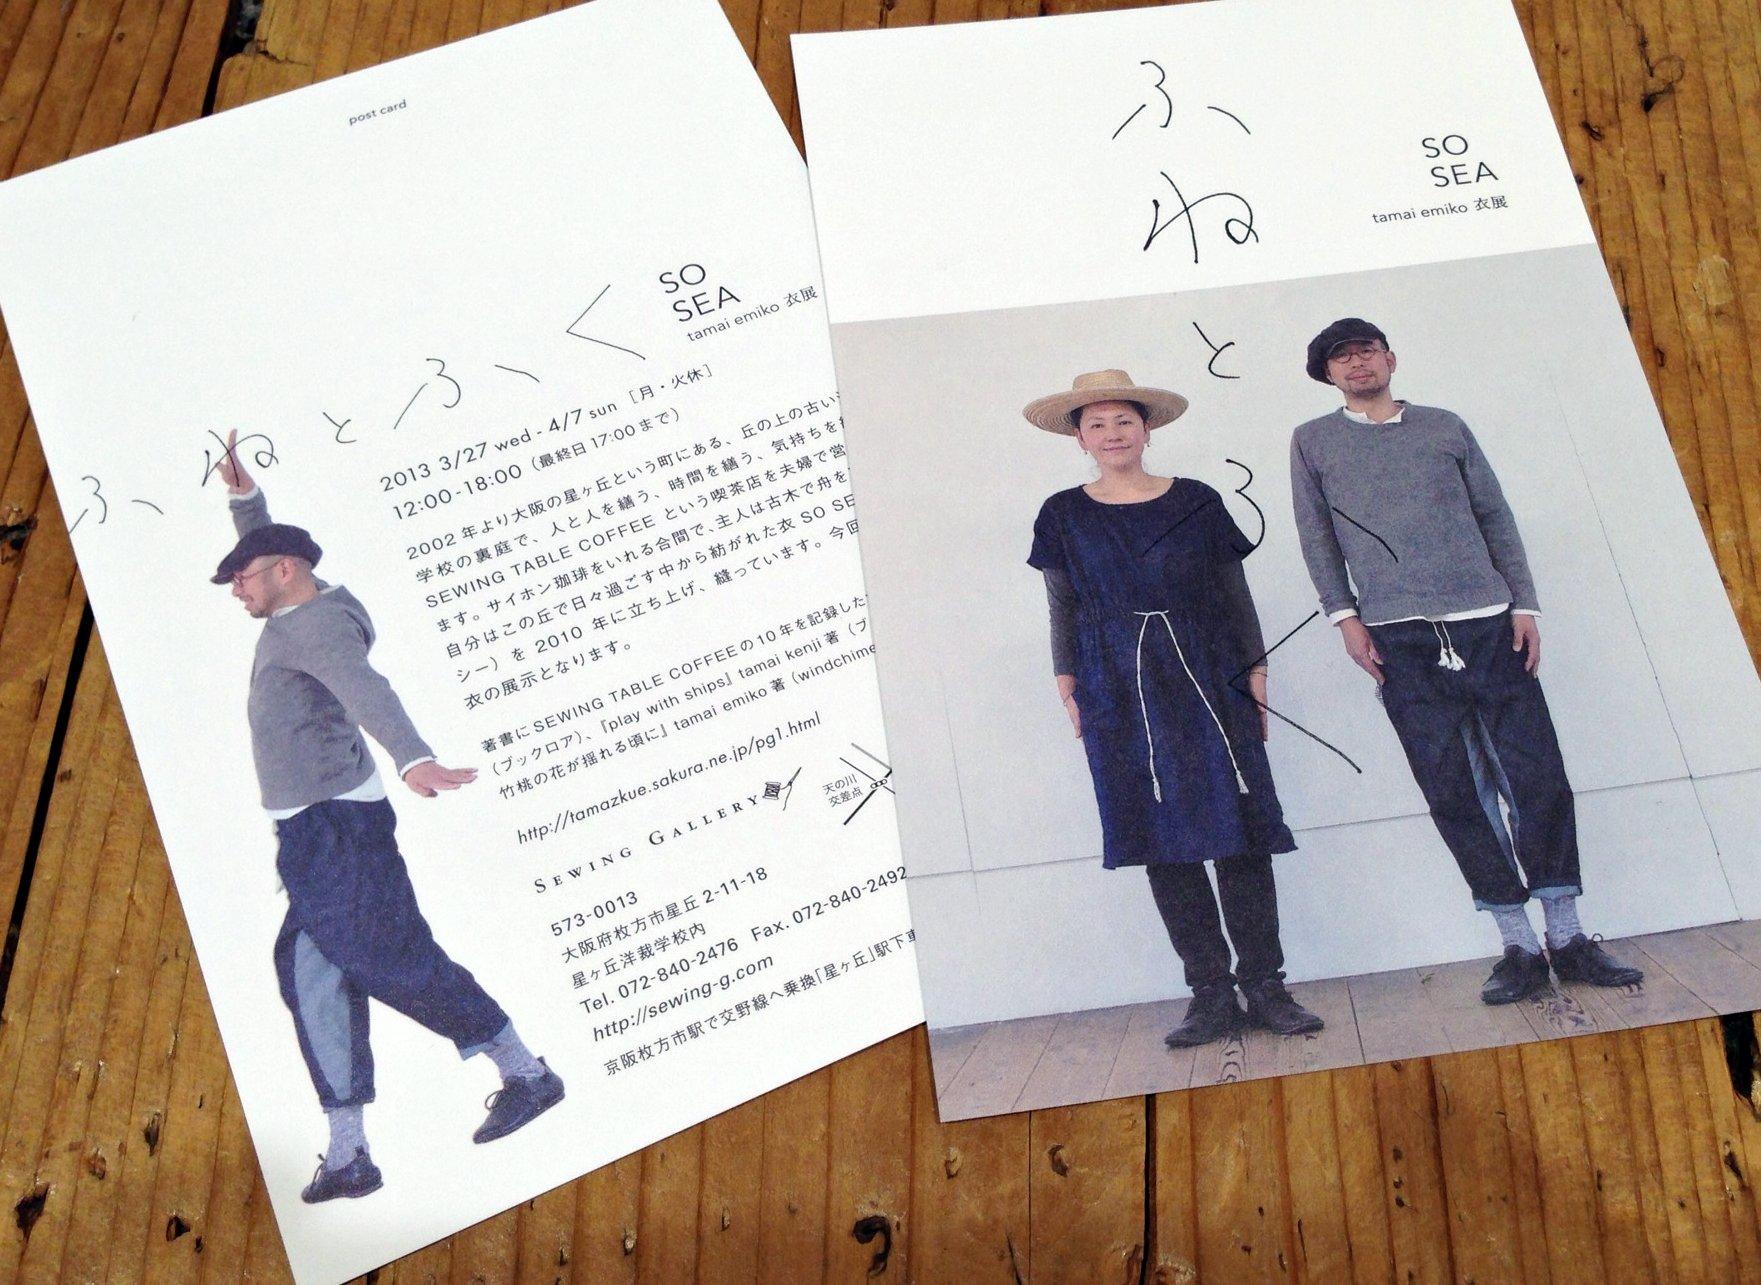 http://windchimebooks.com/info/sosea2013.jpg